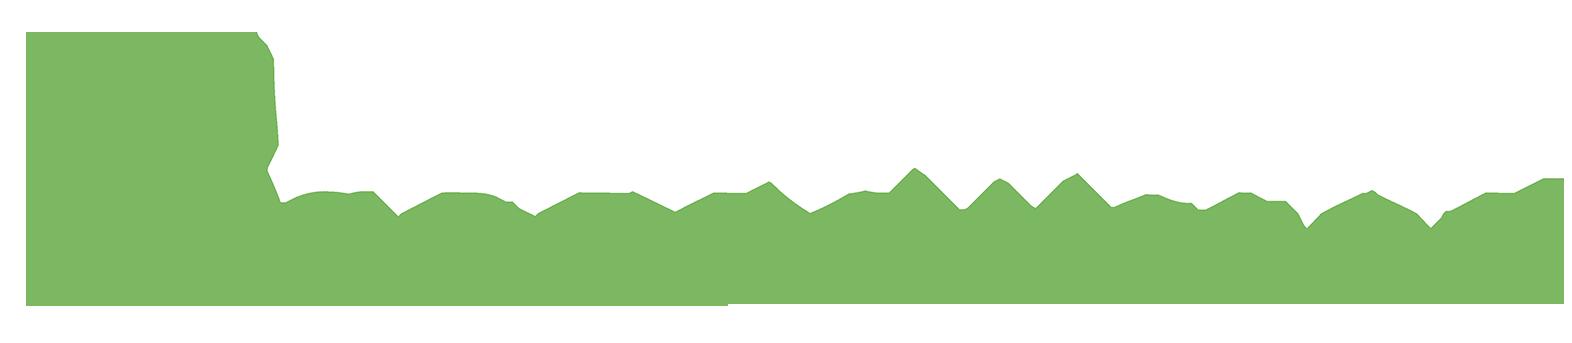 Fellowship Greenville